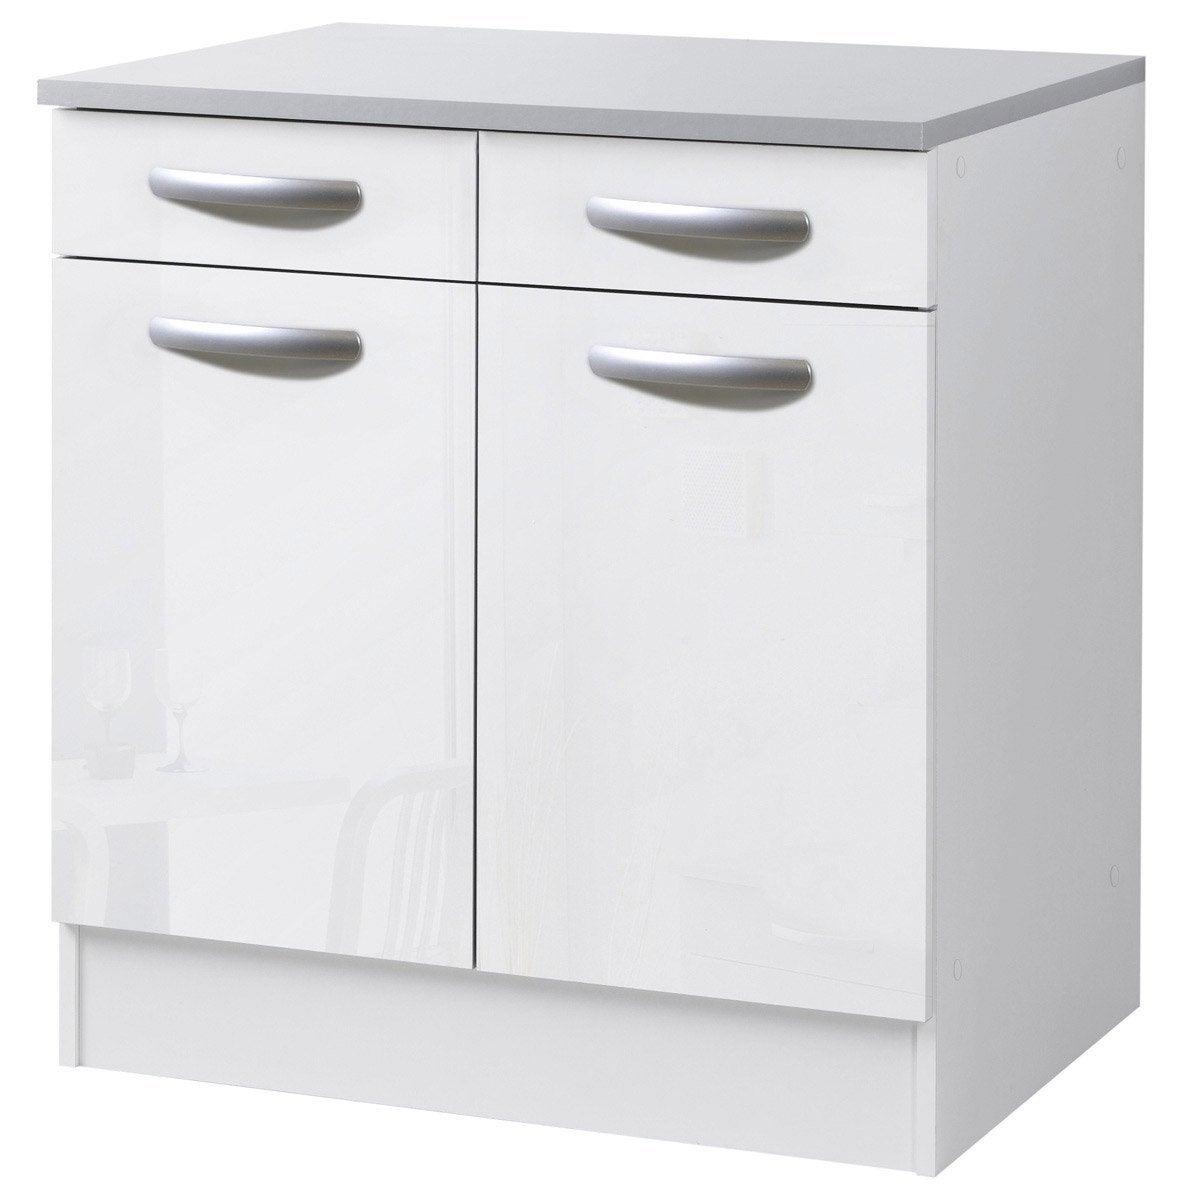 meuble de cuisine bas 2 portes + 2 tiroirs, blanc brillant, h86x